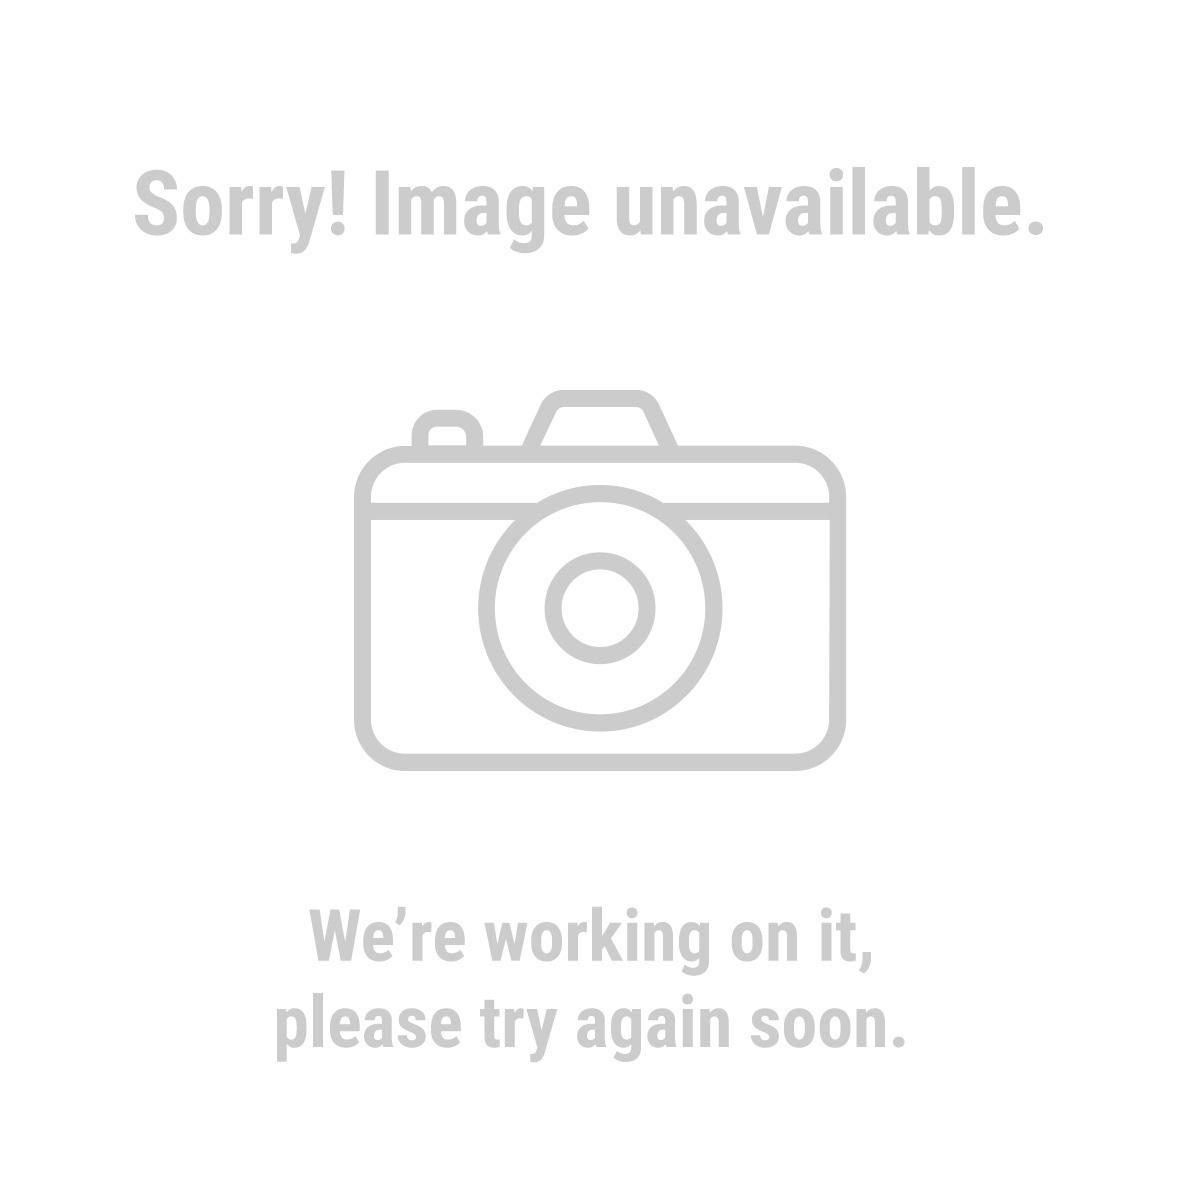 Drill Master 47653 115 Piece Cobalt Drill Bit Set